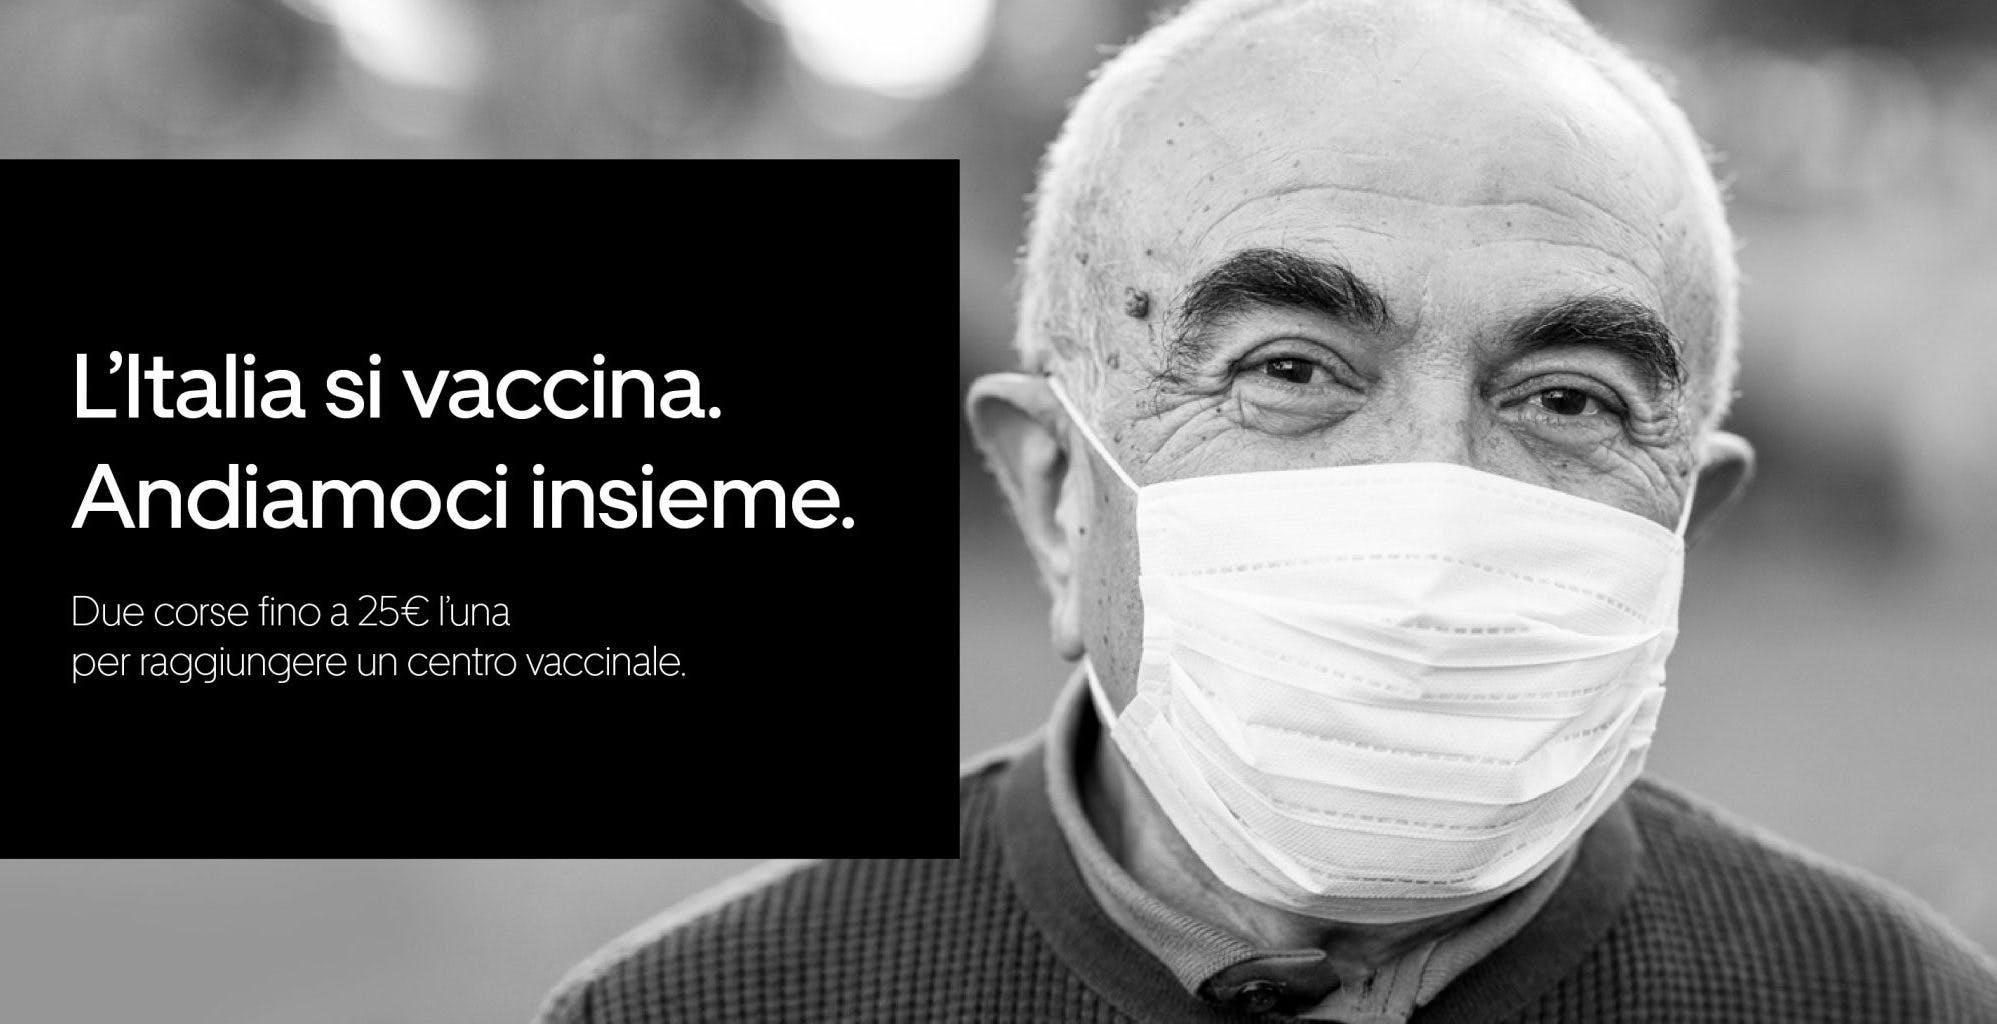 L'iniziativa di Uber: due corse gratis per chi deve raggiungere i centri vaccinali